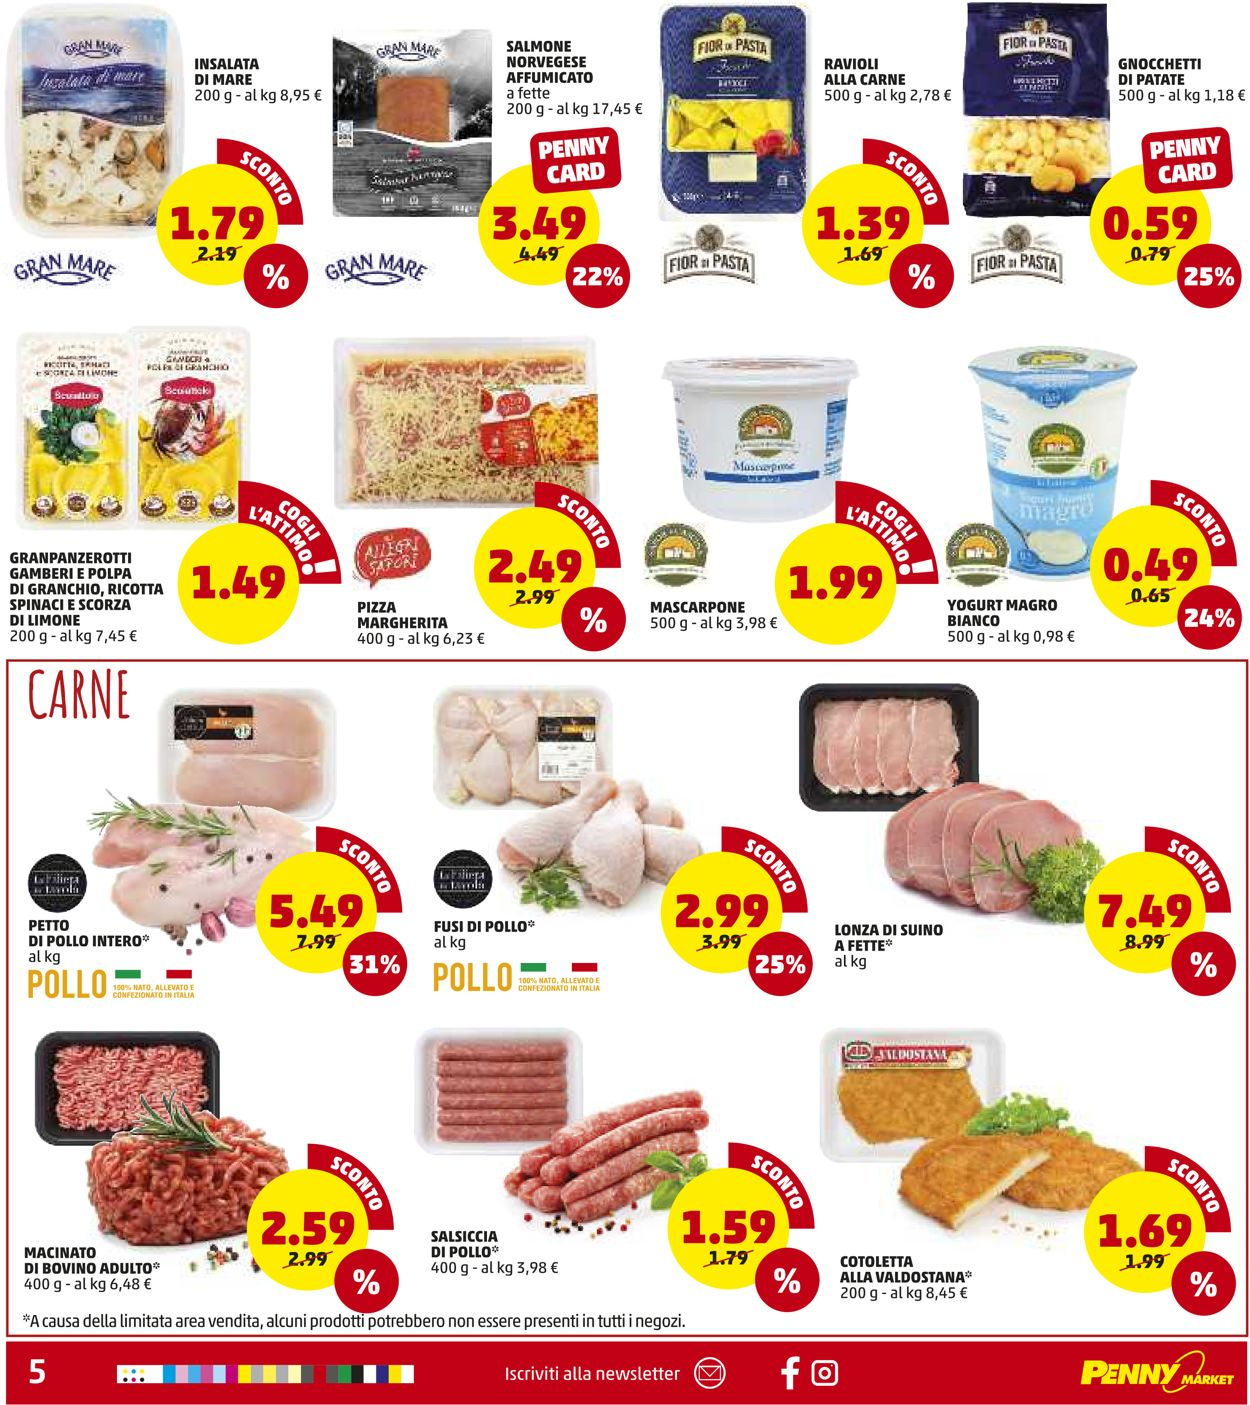 Volantino Penny Market - Sicilia - Offerte 07/01-17/01/2021 (Pagina 5)